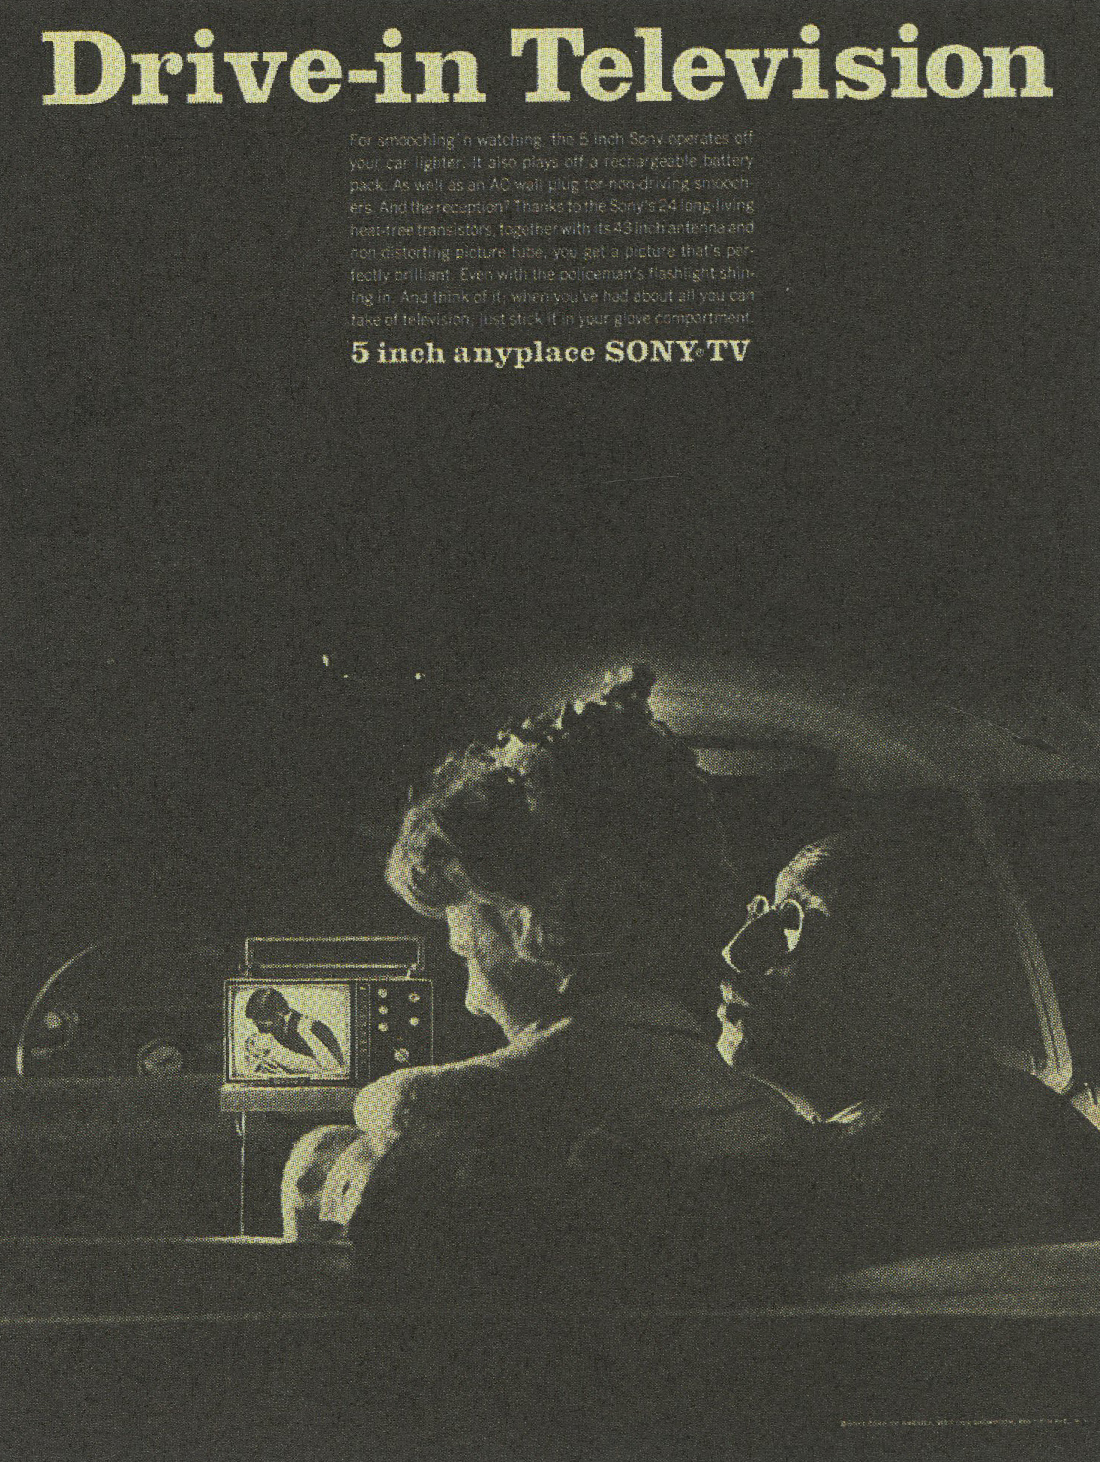 Sony 'Drive-In' Len Sirowitz:DDB